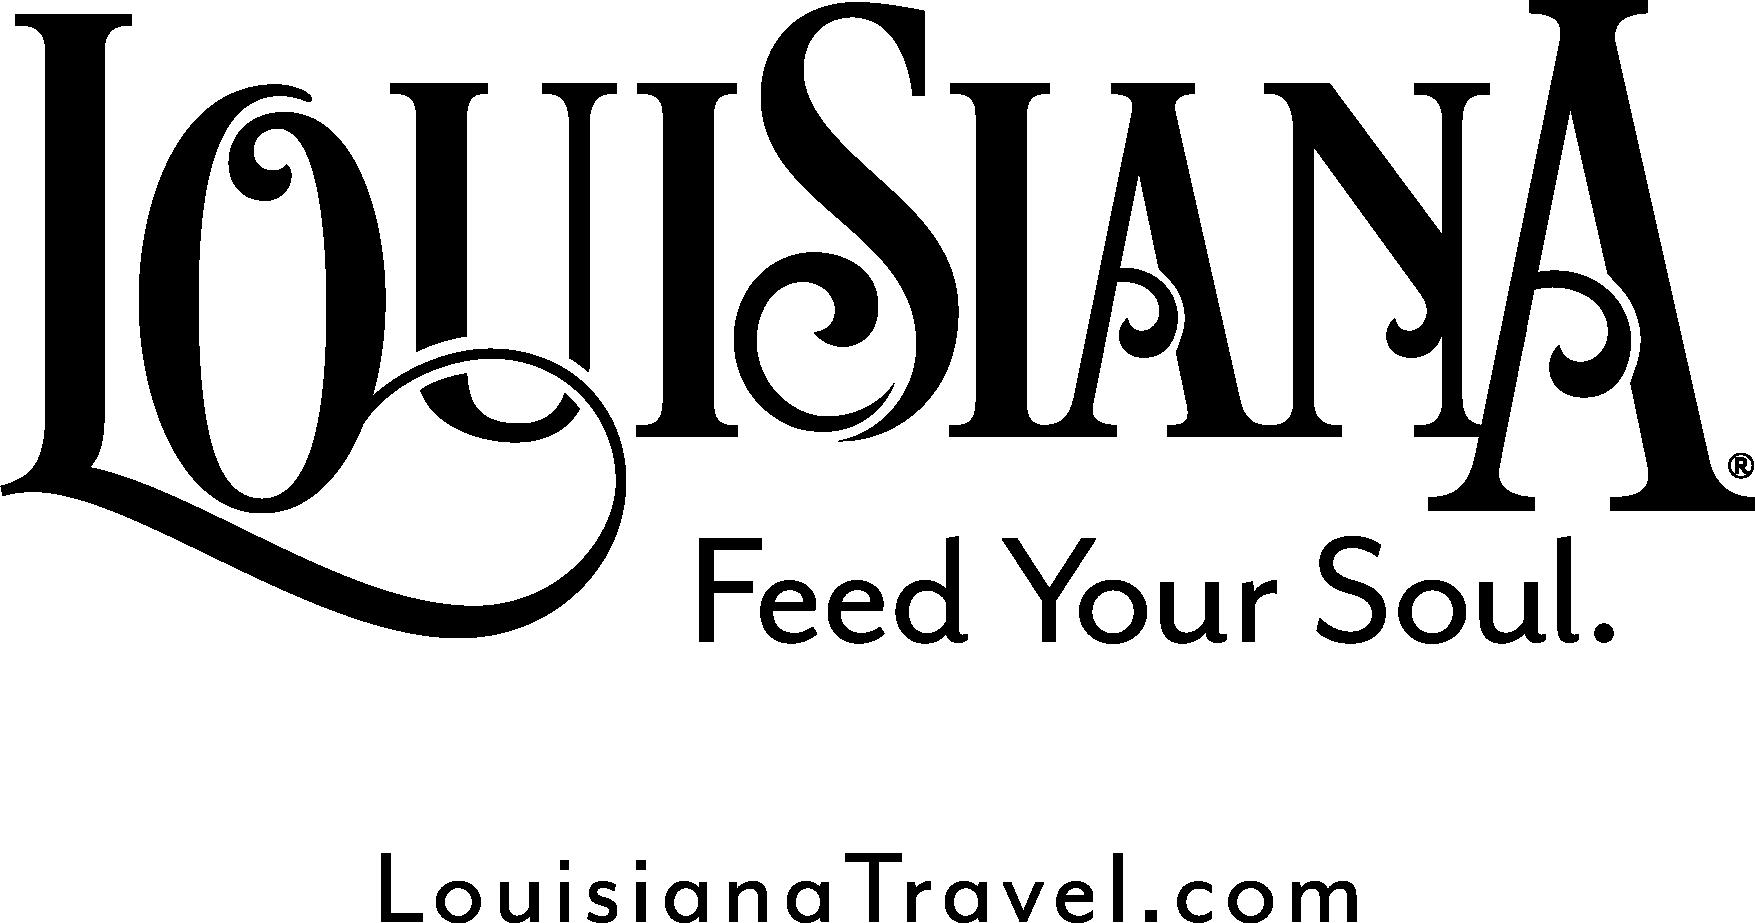 70ee717e d4d3 4fb6 8c29 a87a6e22c4cd